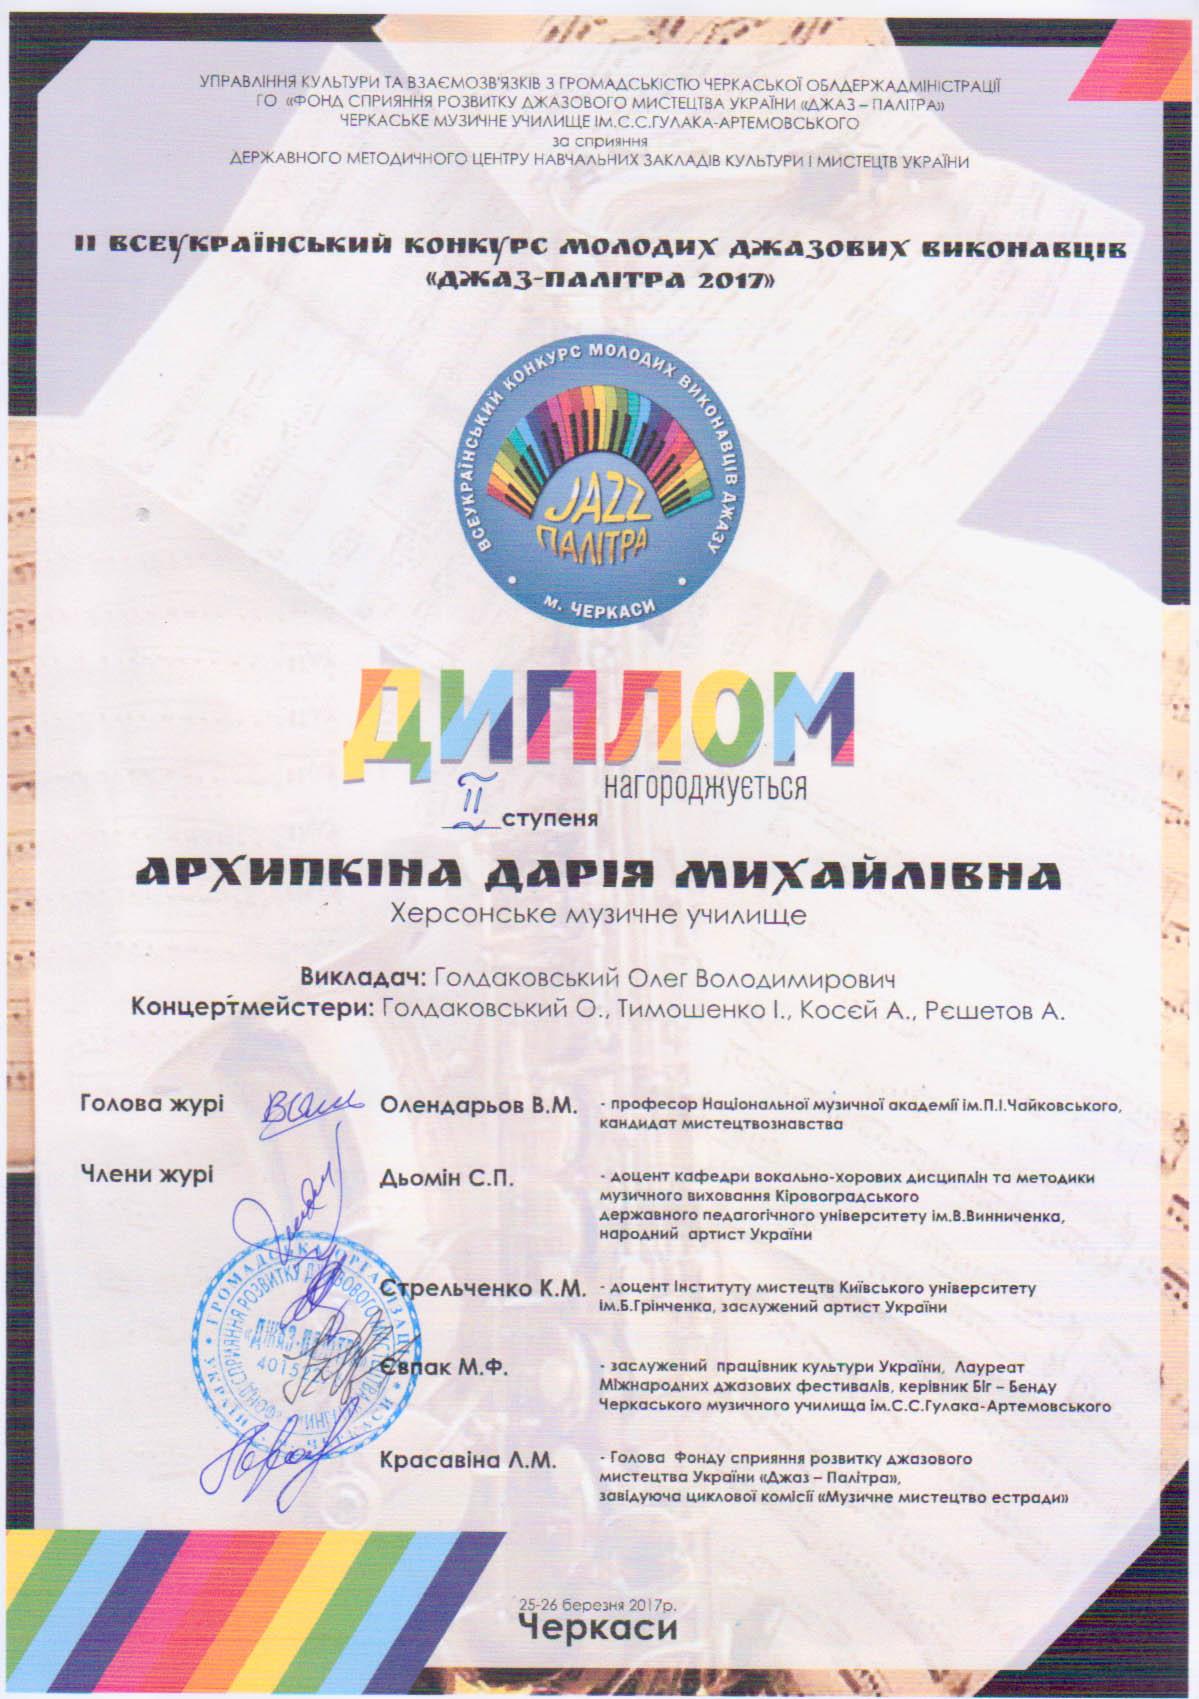 Архіпкіна